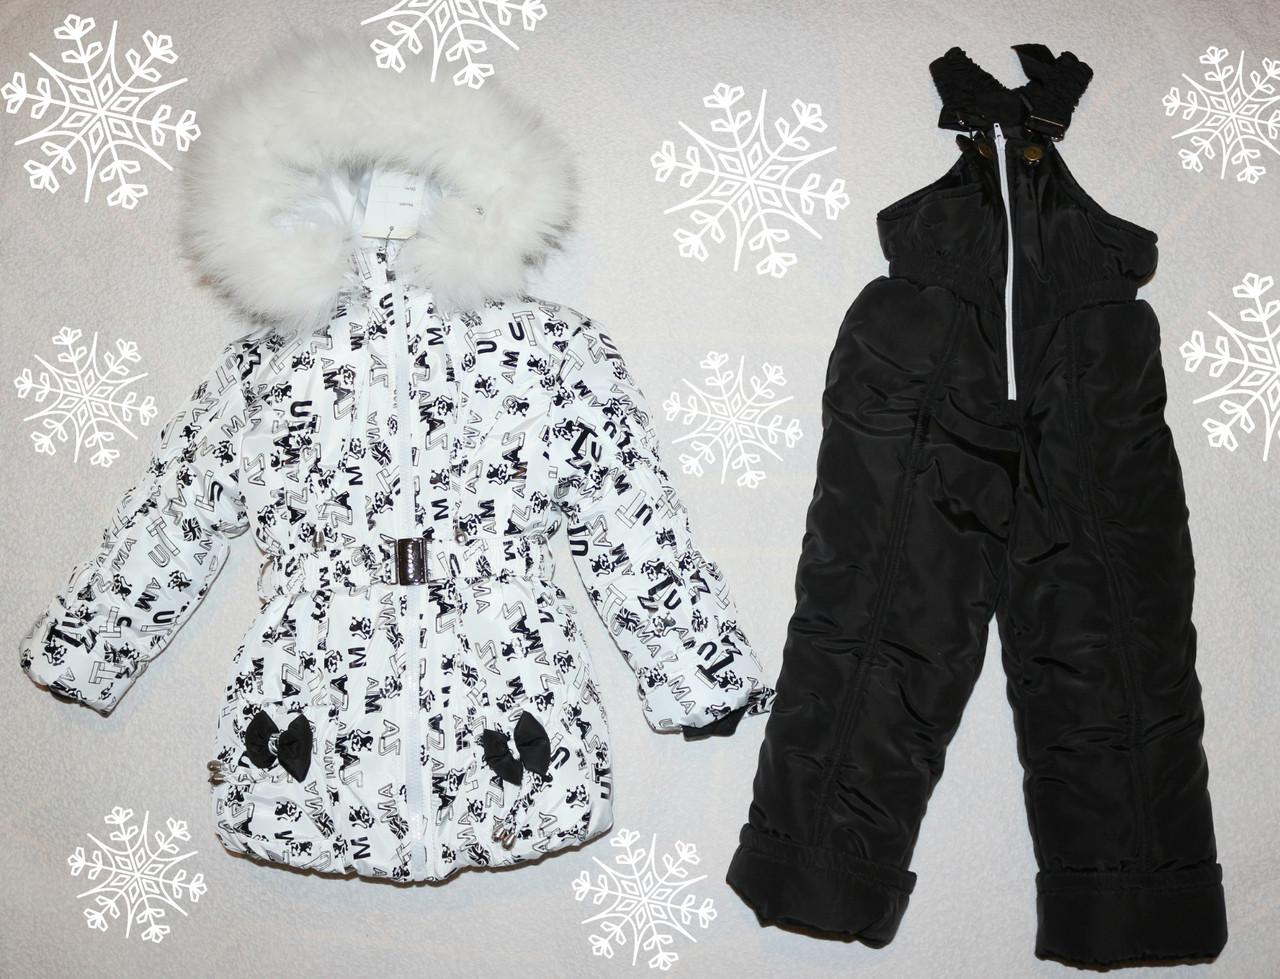 9c4ea248682 Зимний комбинезон +куртка на девочку (32 размер) 4-5 лет натуральная опушка